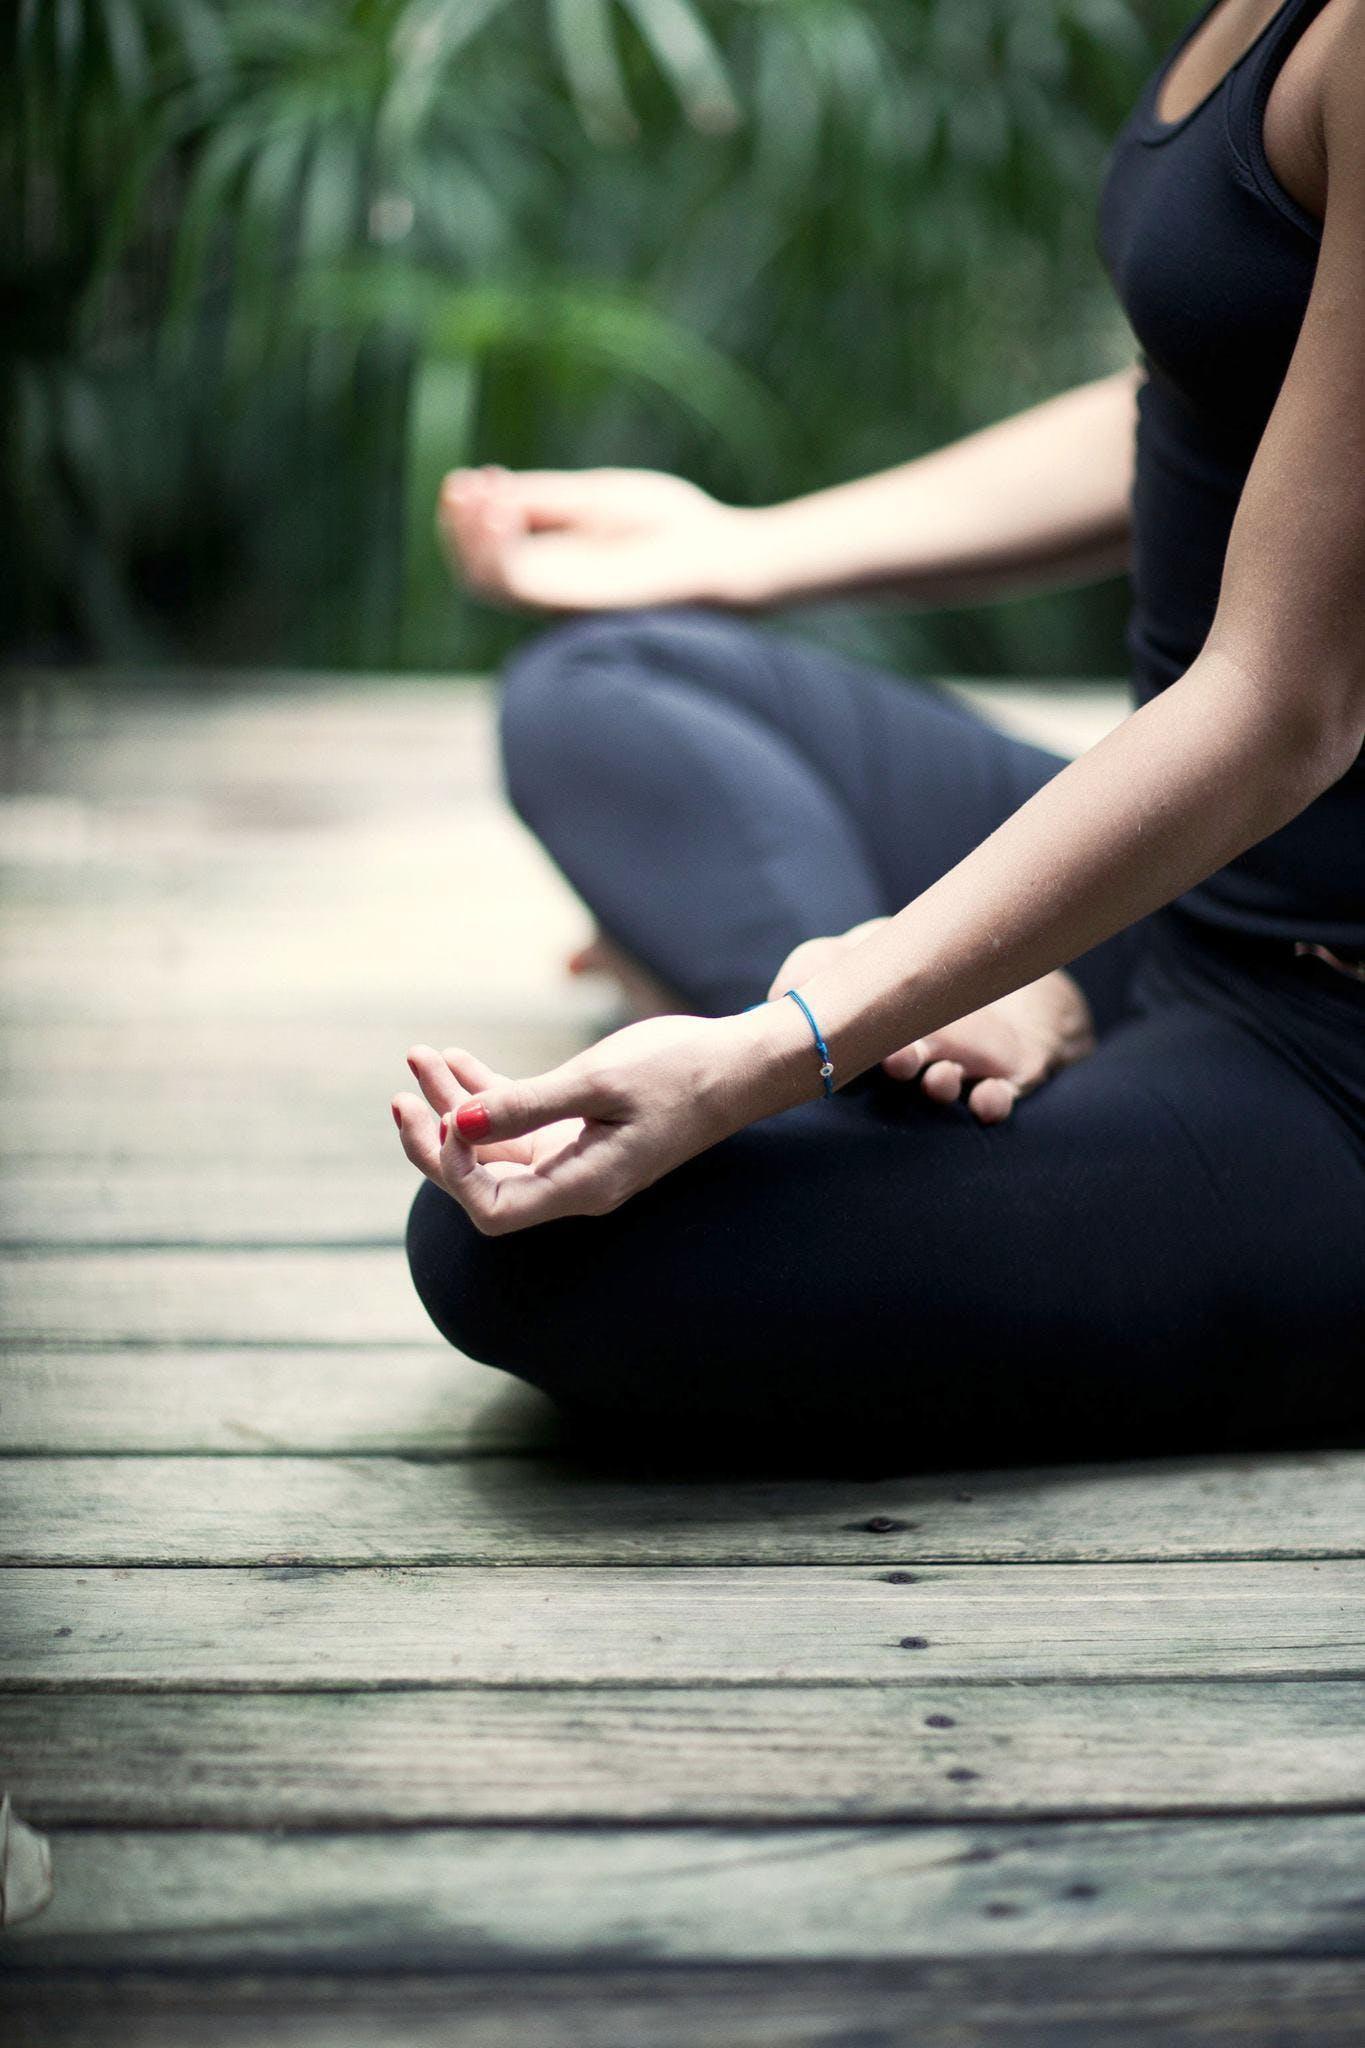 Clases de Yoga en Español - 27 OCT 2018 f389c67363b3